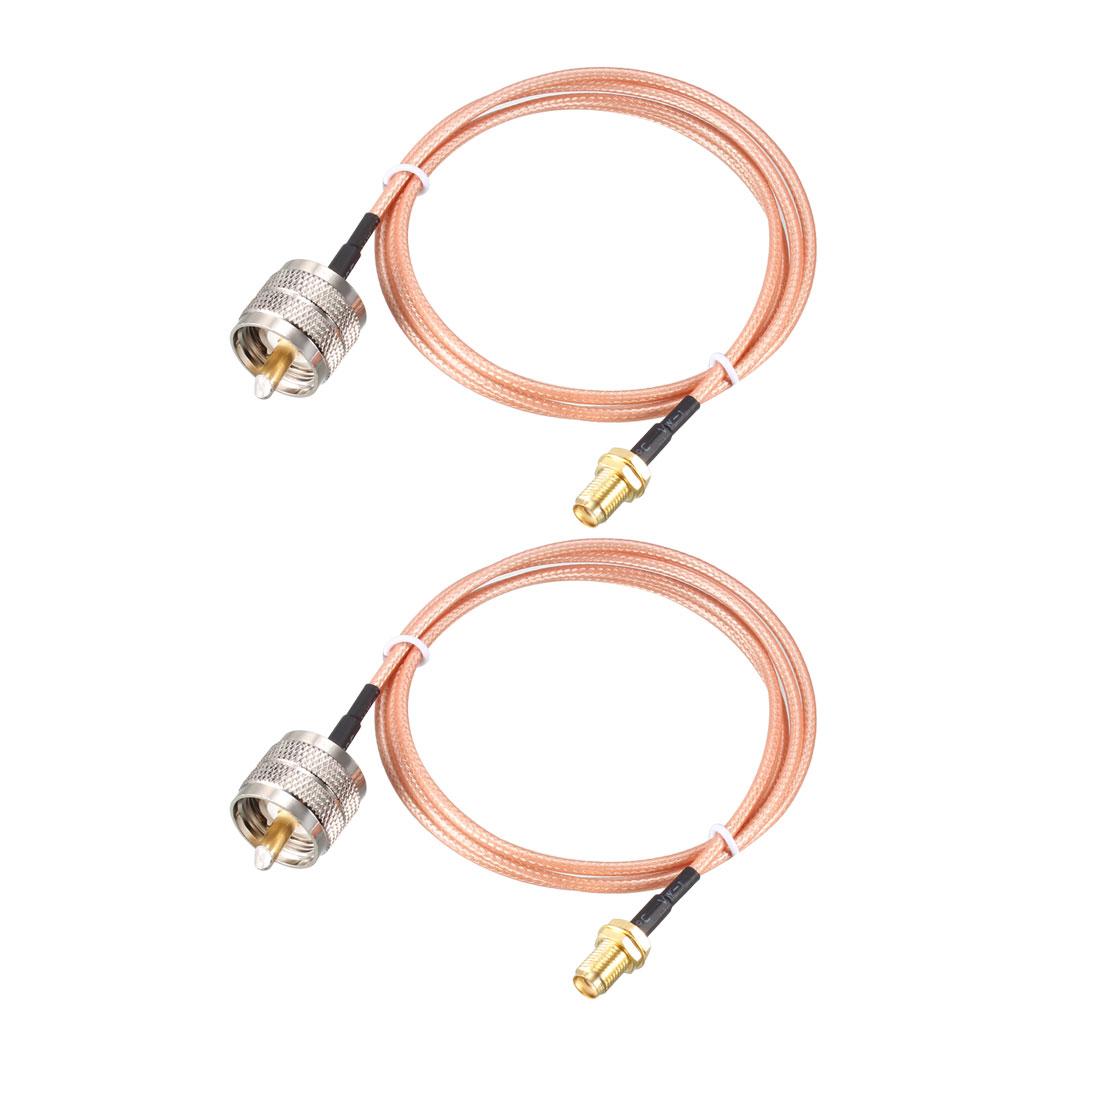 SMA Female Bulkhead to UHF PL-259 Male RG316 RF Coaxial Coax Cable 3 ft 2pcs